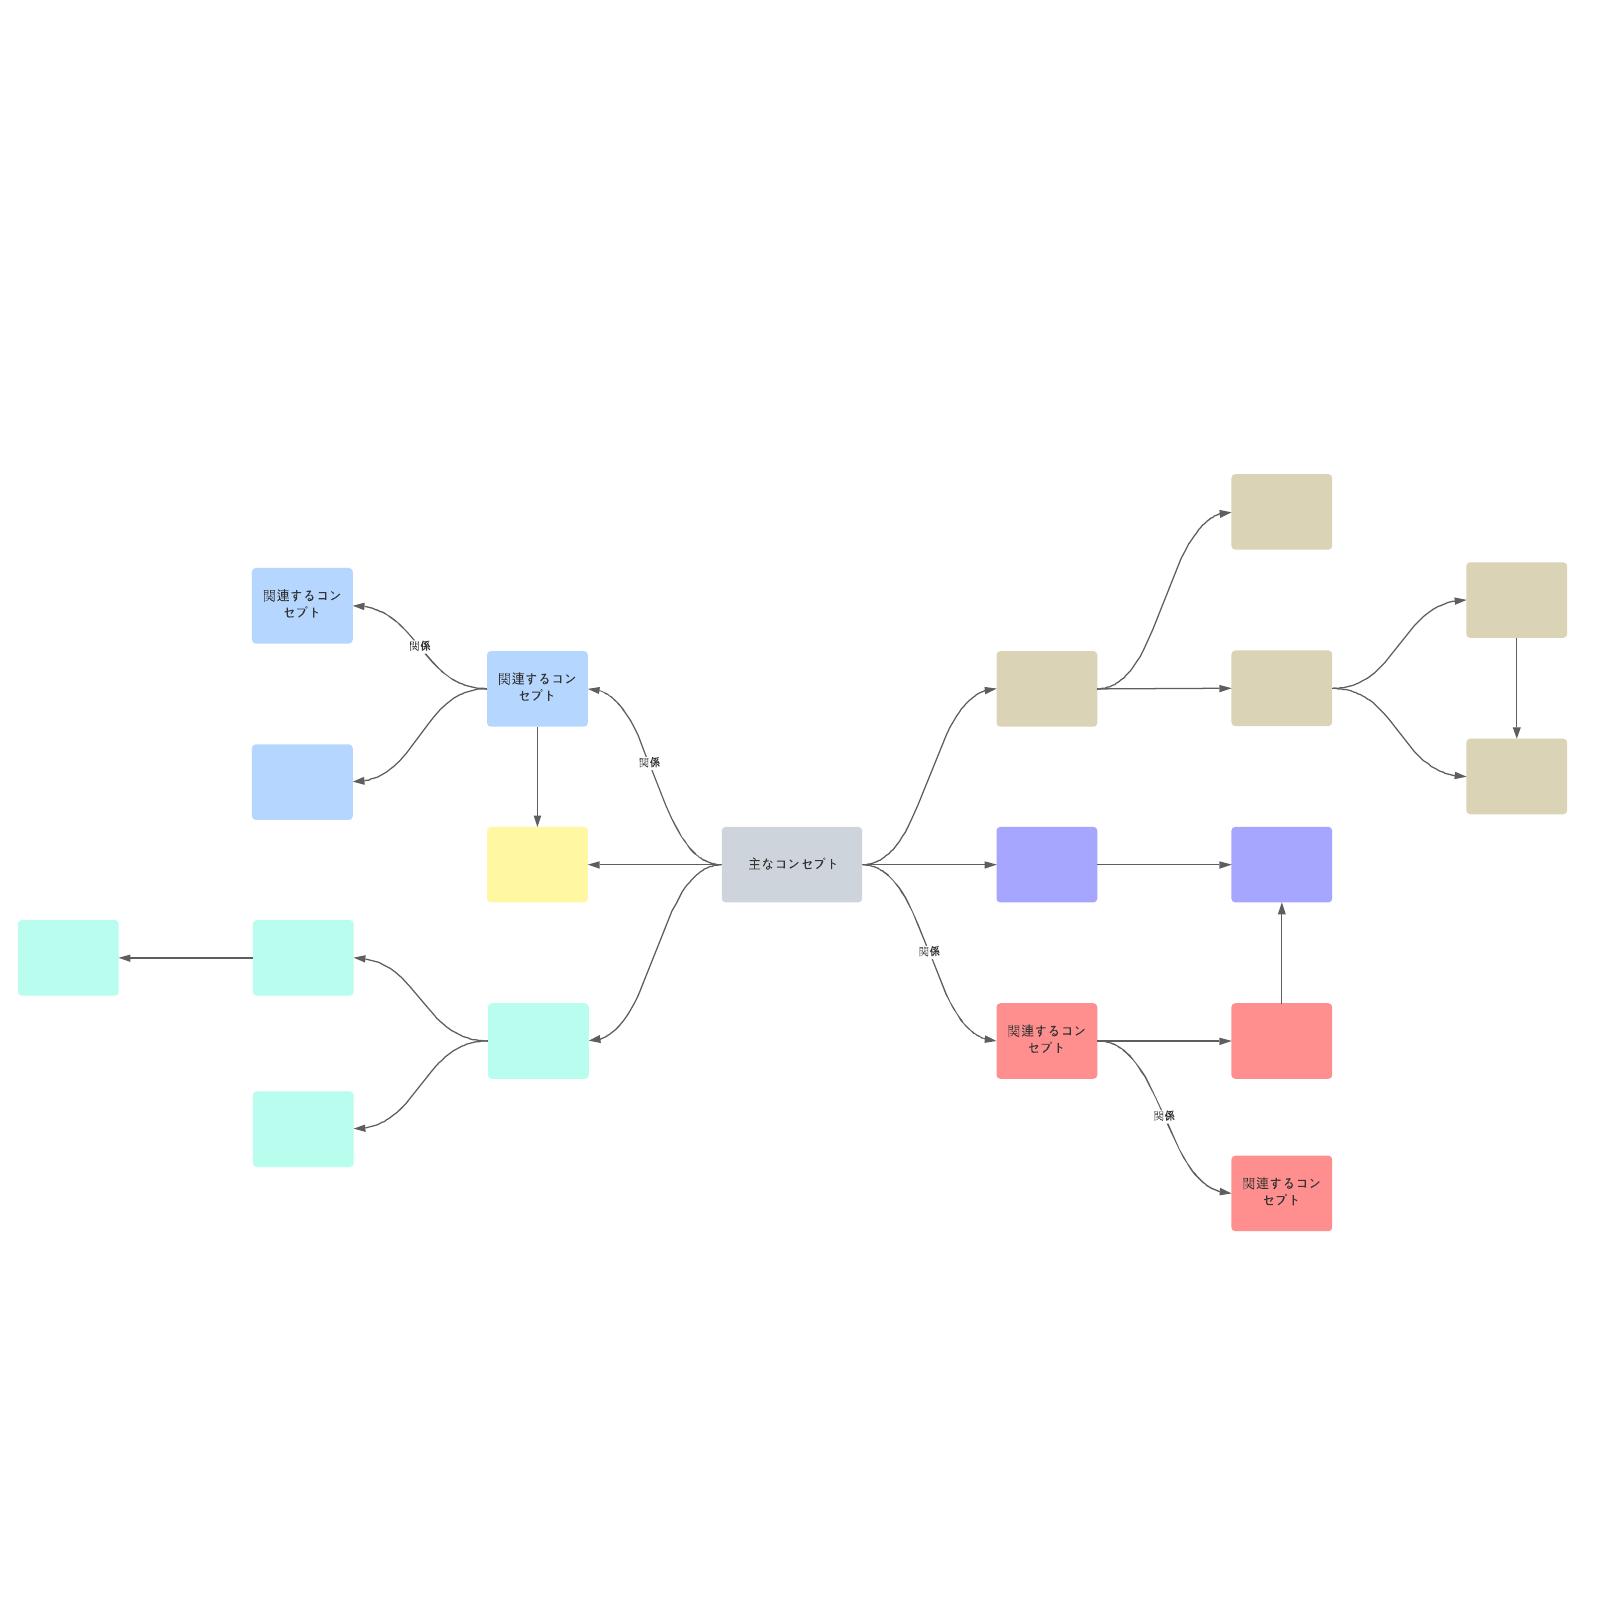 コンセプトマップテンプレート